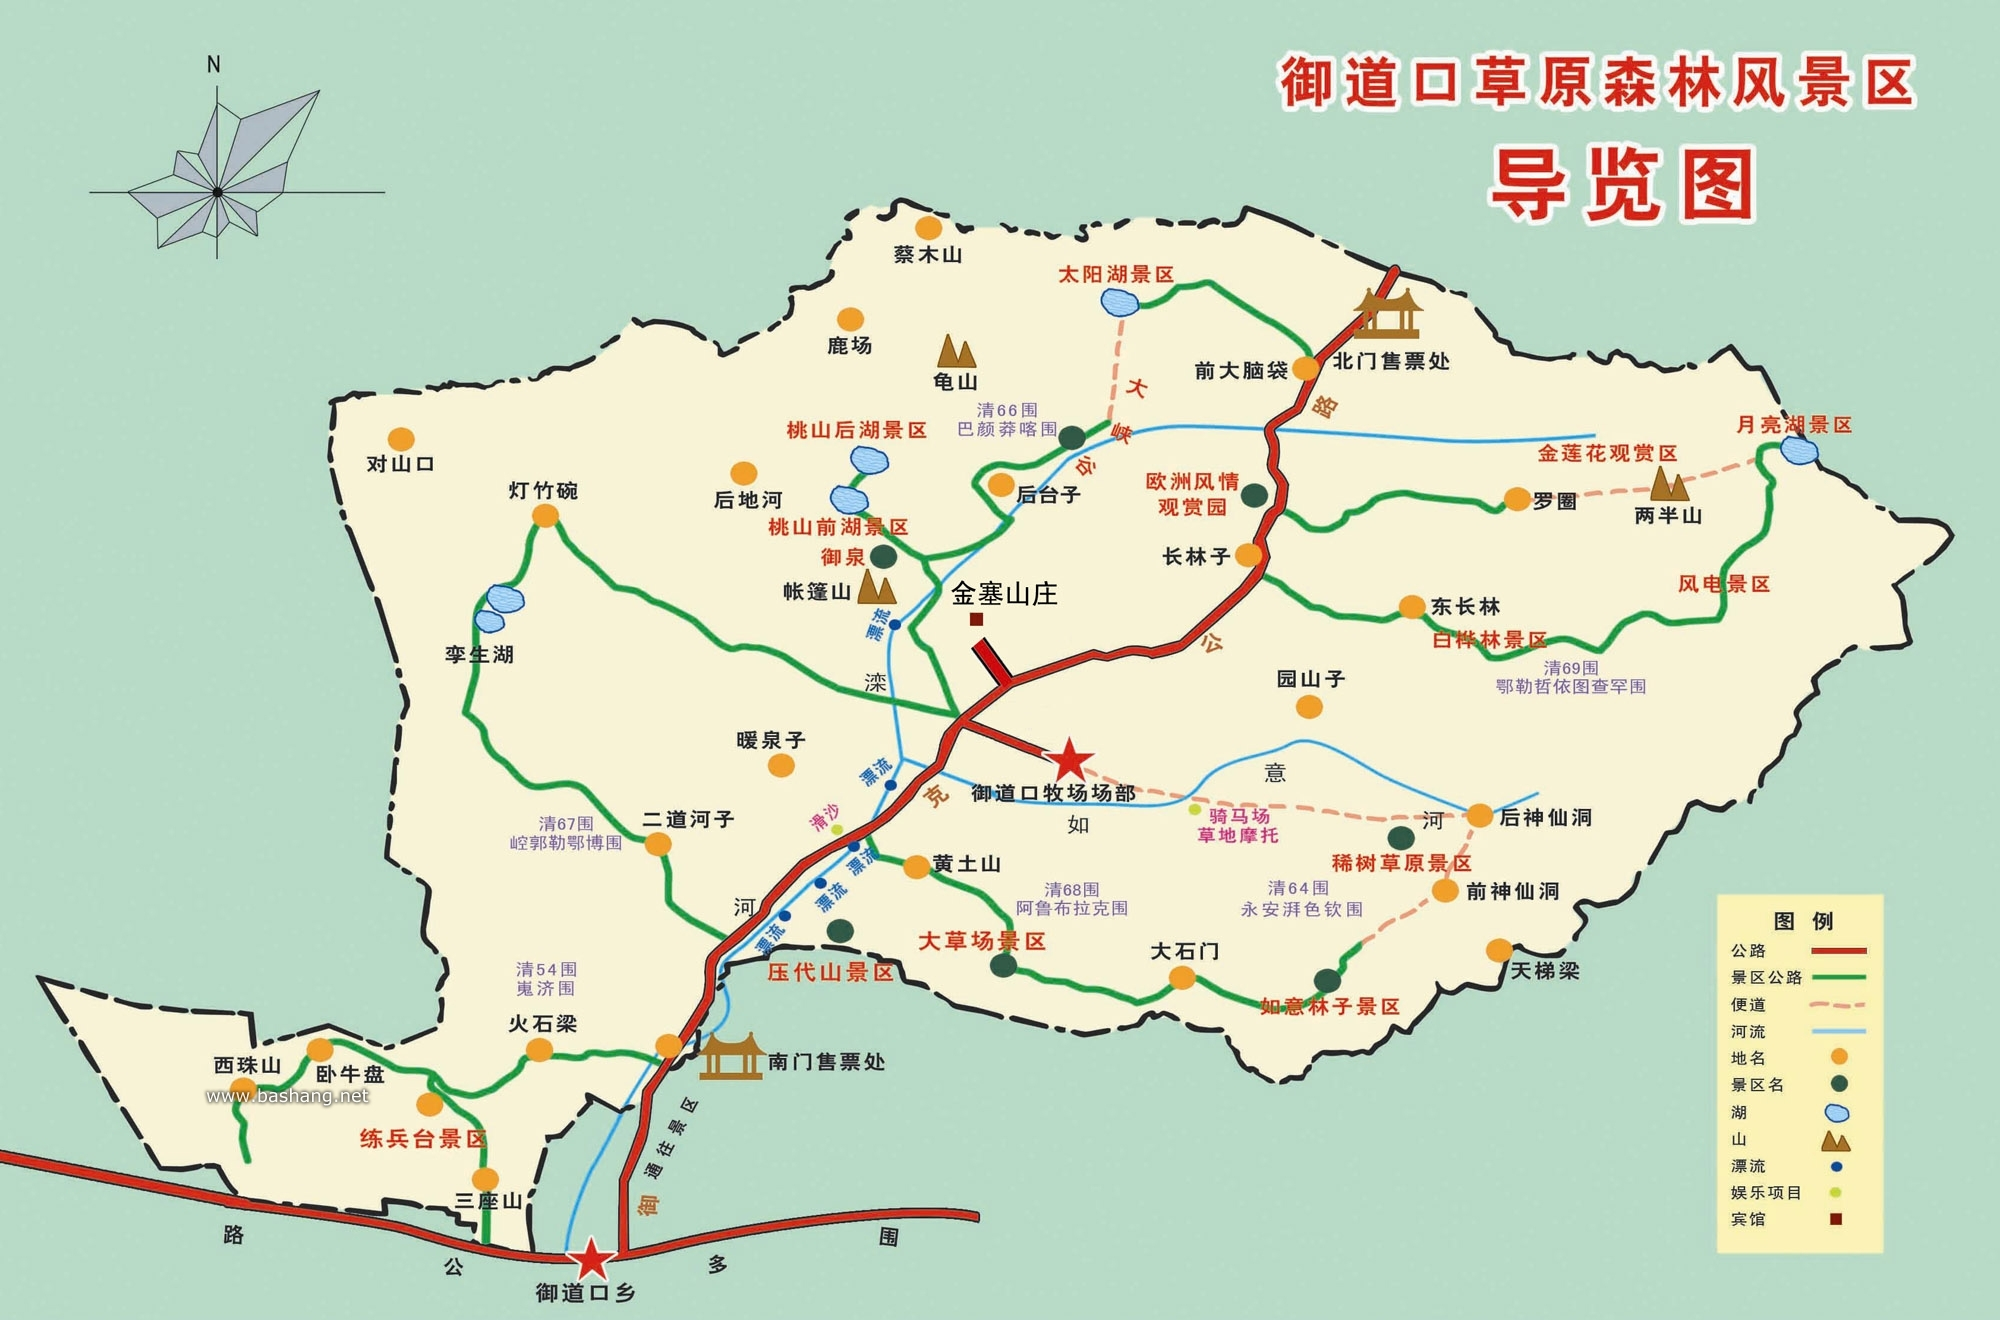 御道口草原森林风景区导览图